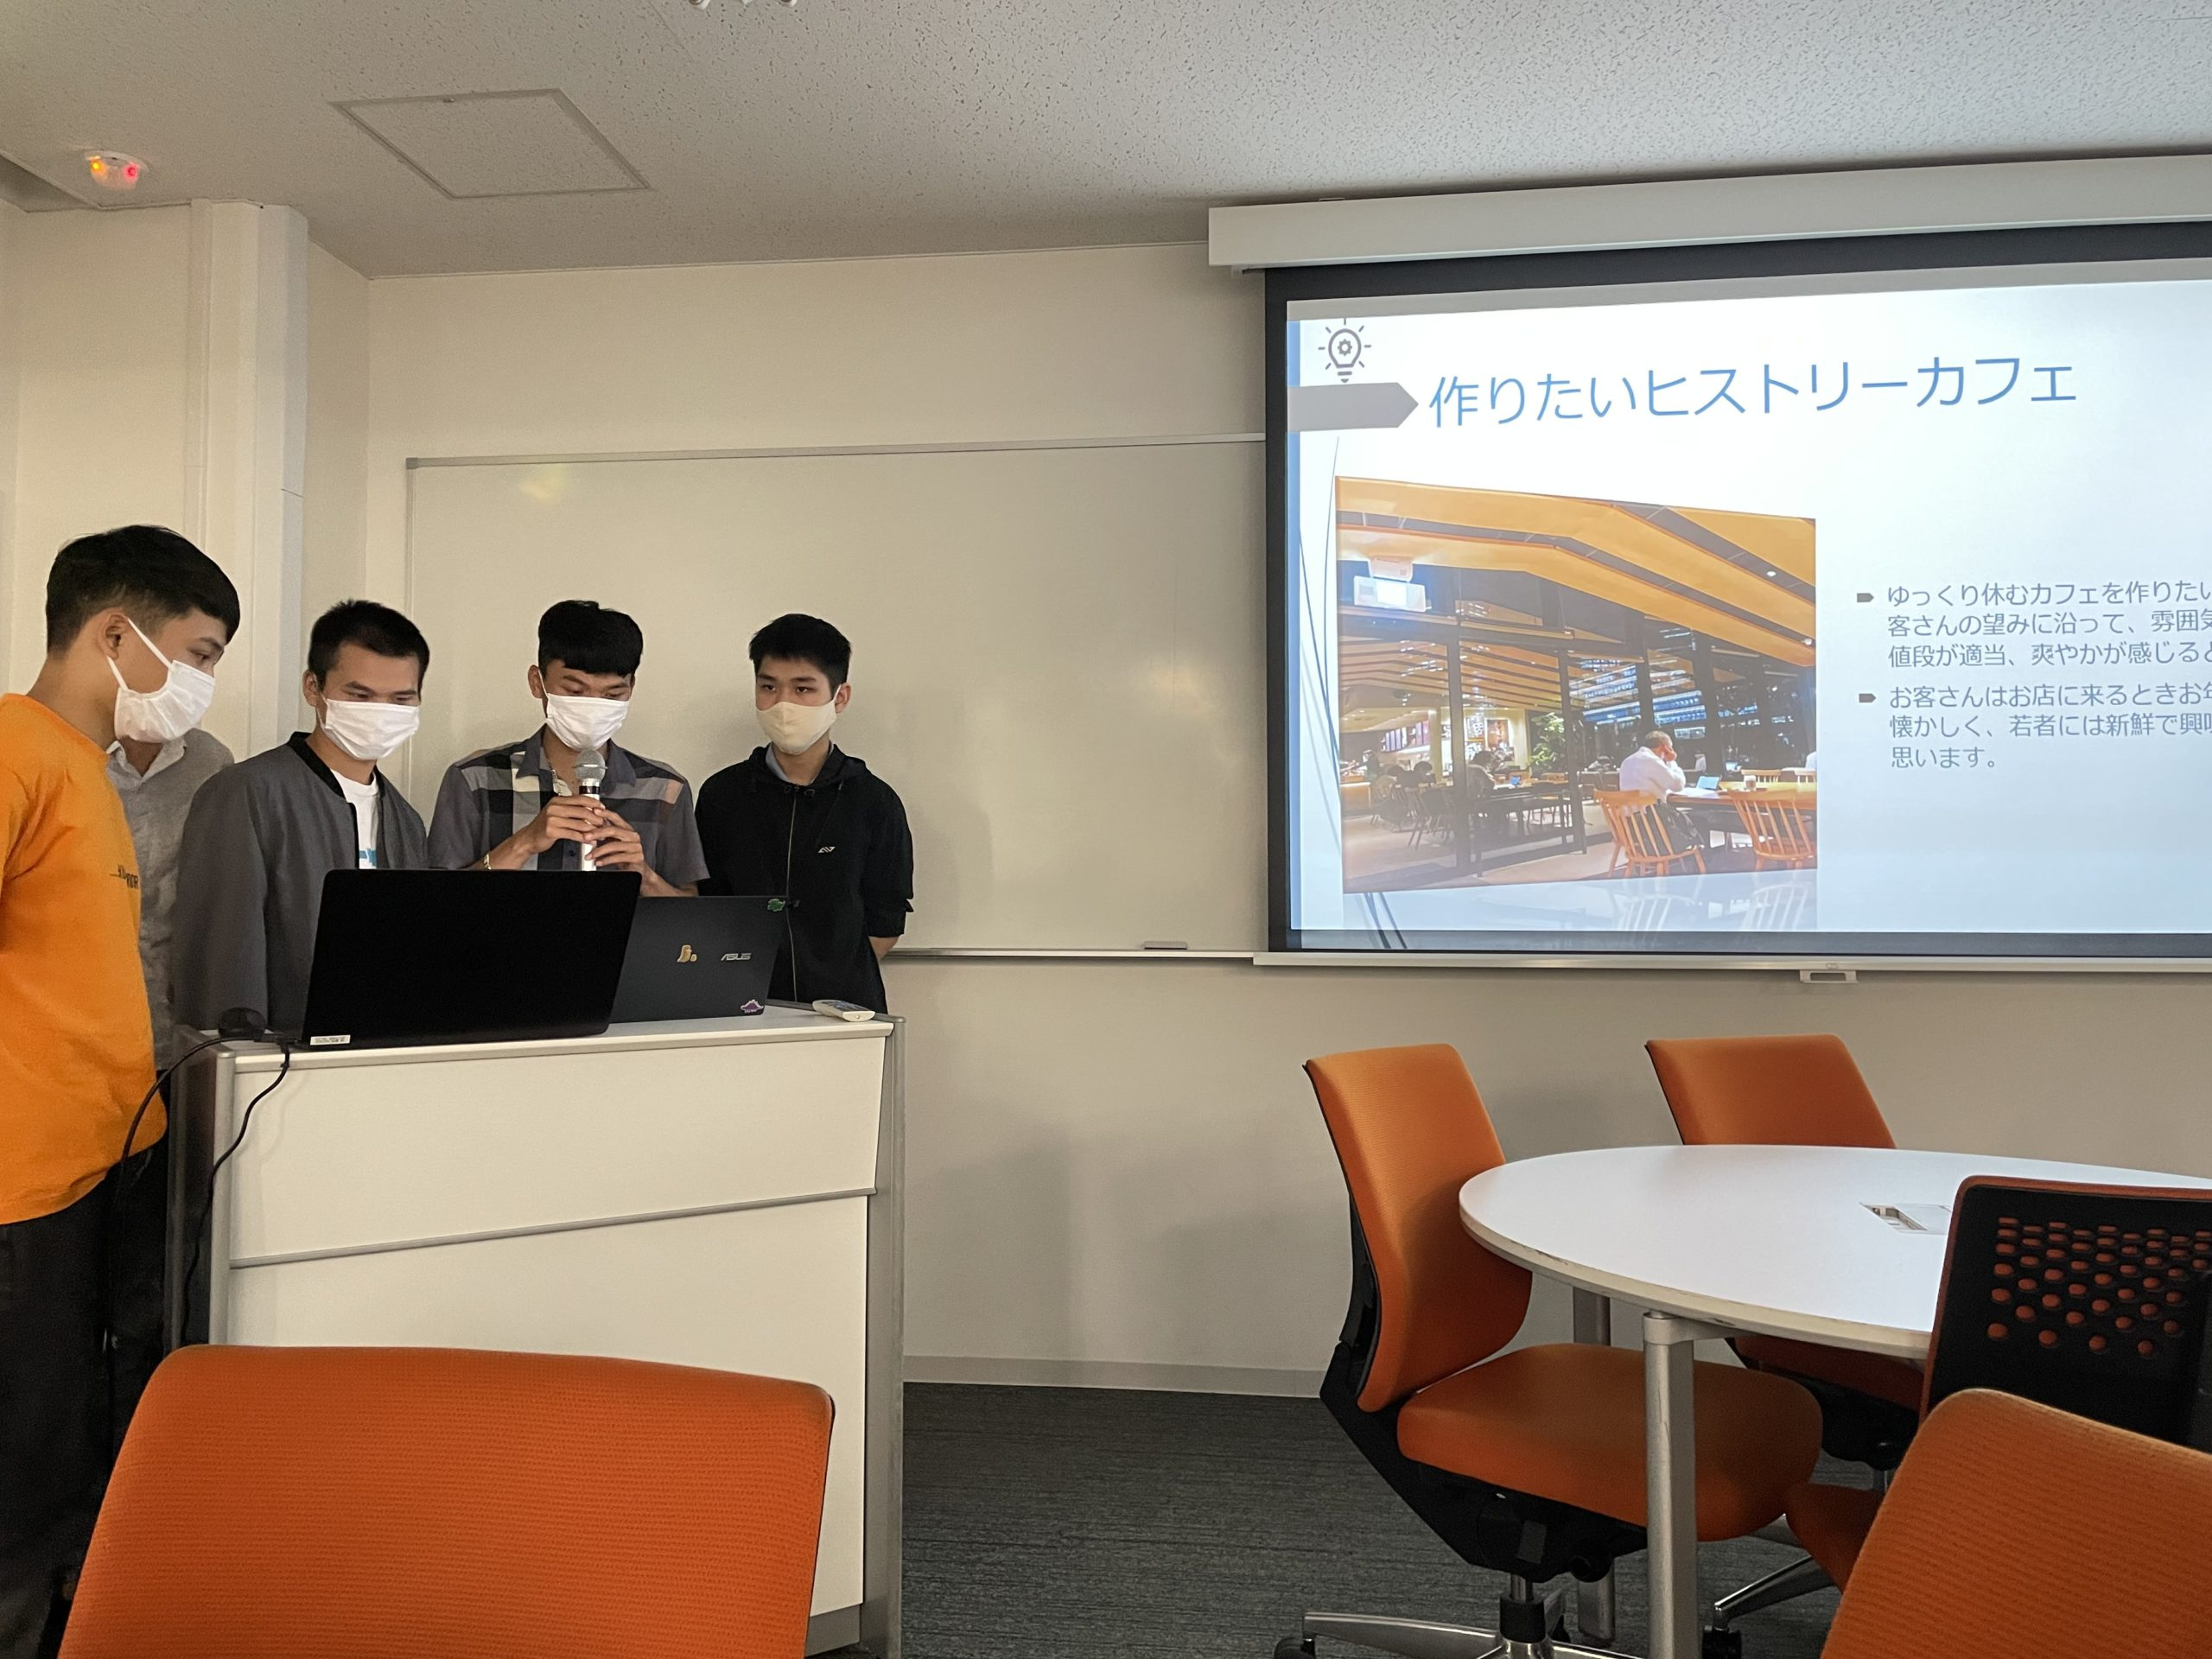 ECCコンピュータ専門学校のフィールドワーク授業が終了